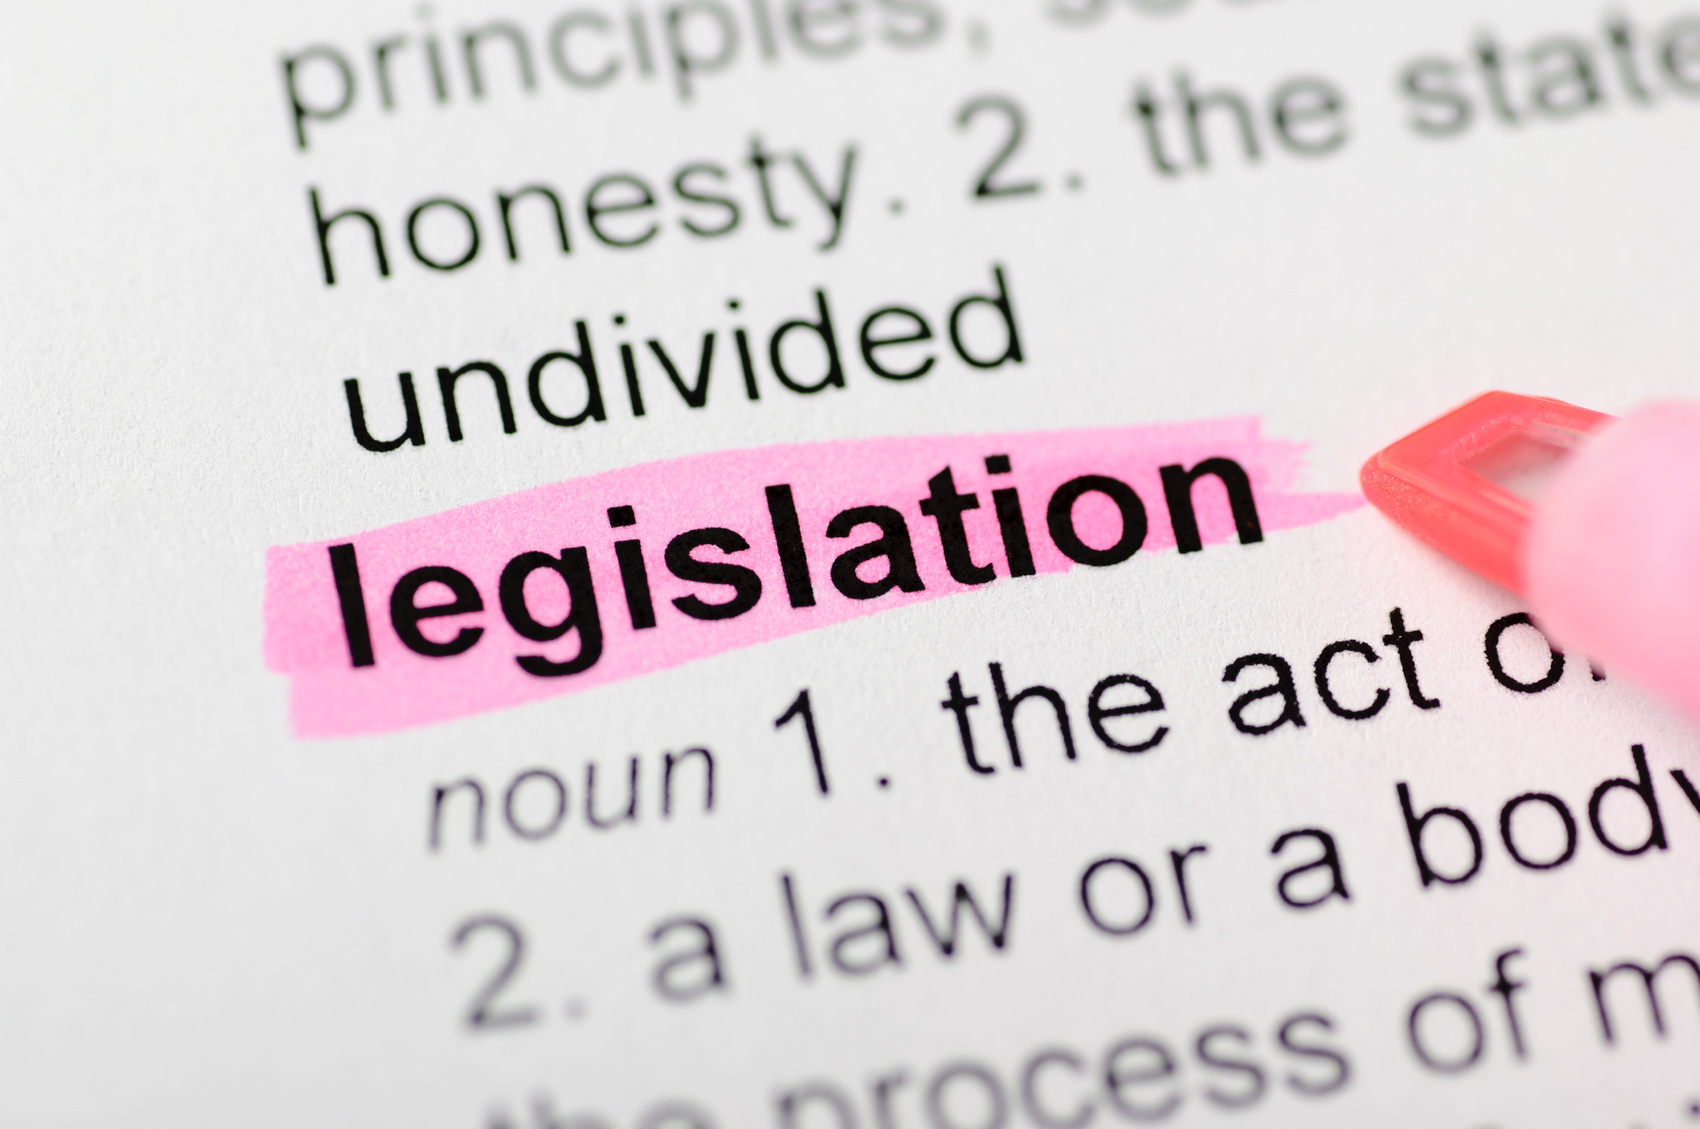 Legislation-highlighted-in-dictionary.jpg